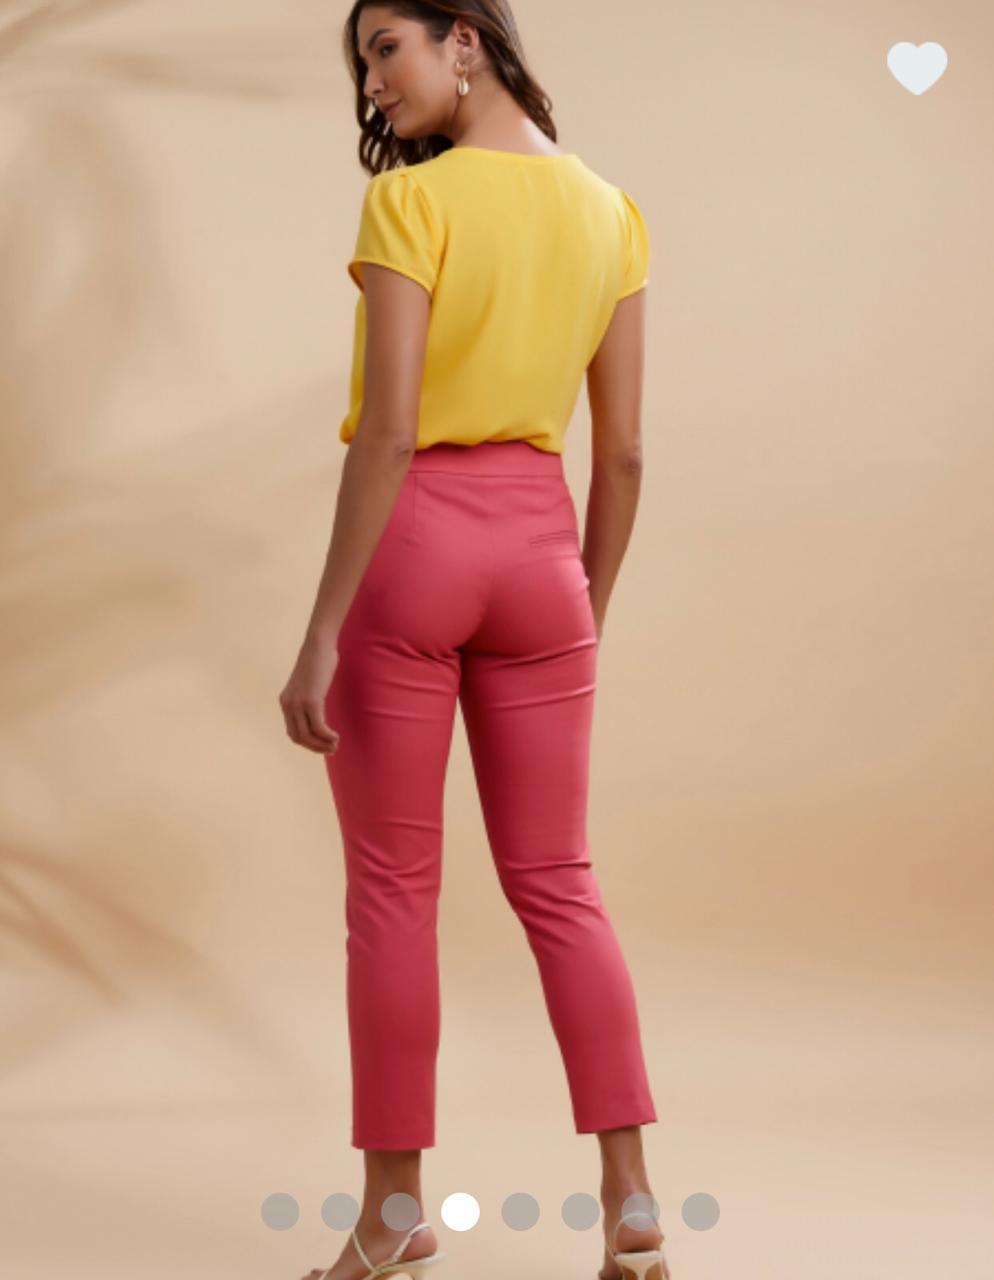 Calça Unique Skinny Bolso Recortes Cores Marinho, Verde e Rosa 3%  Elastano